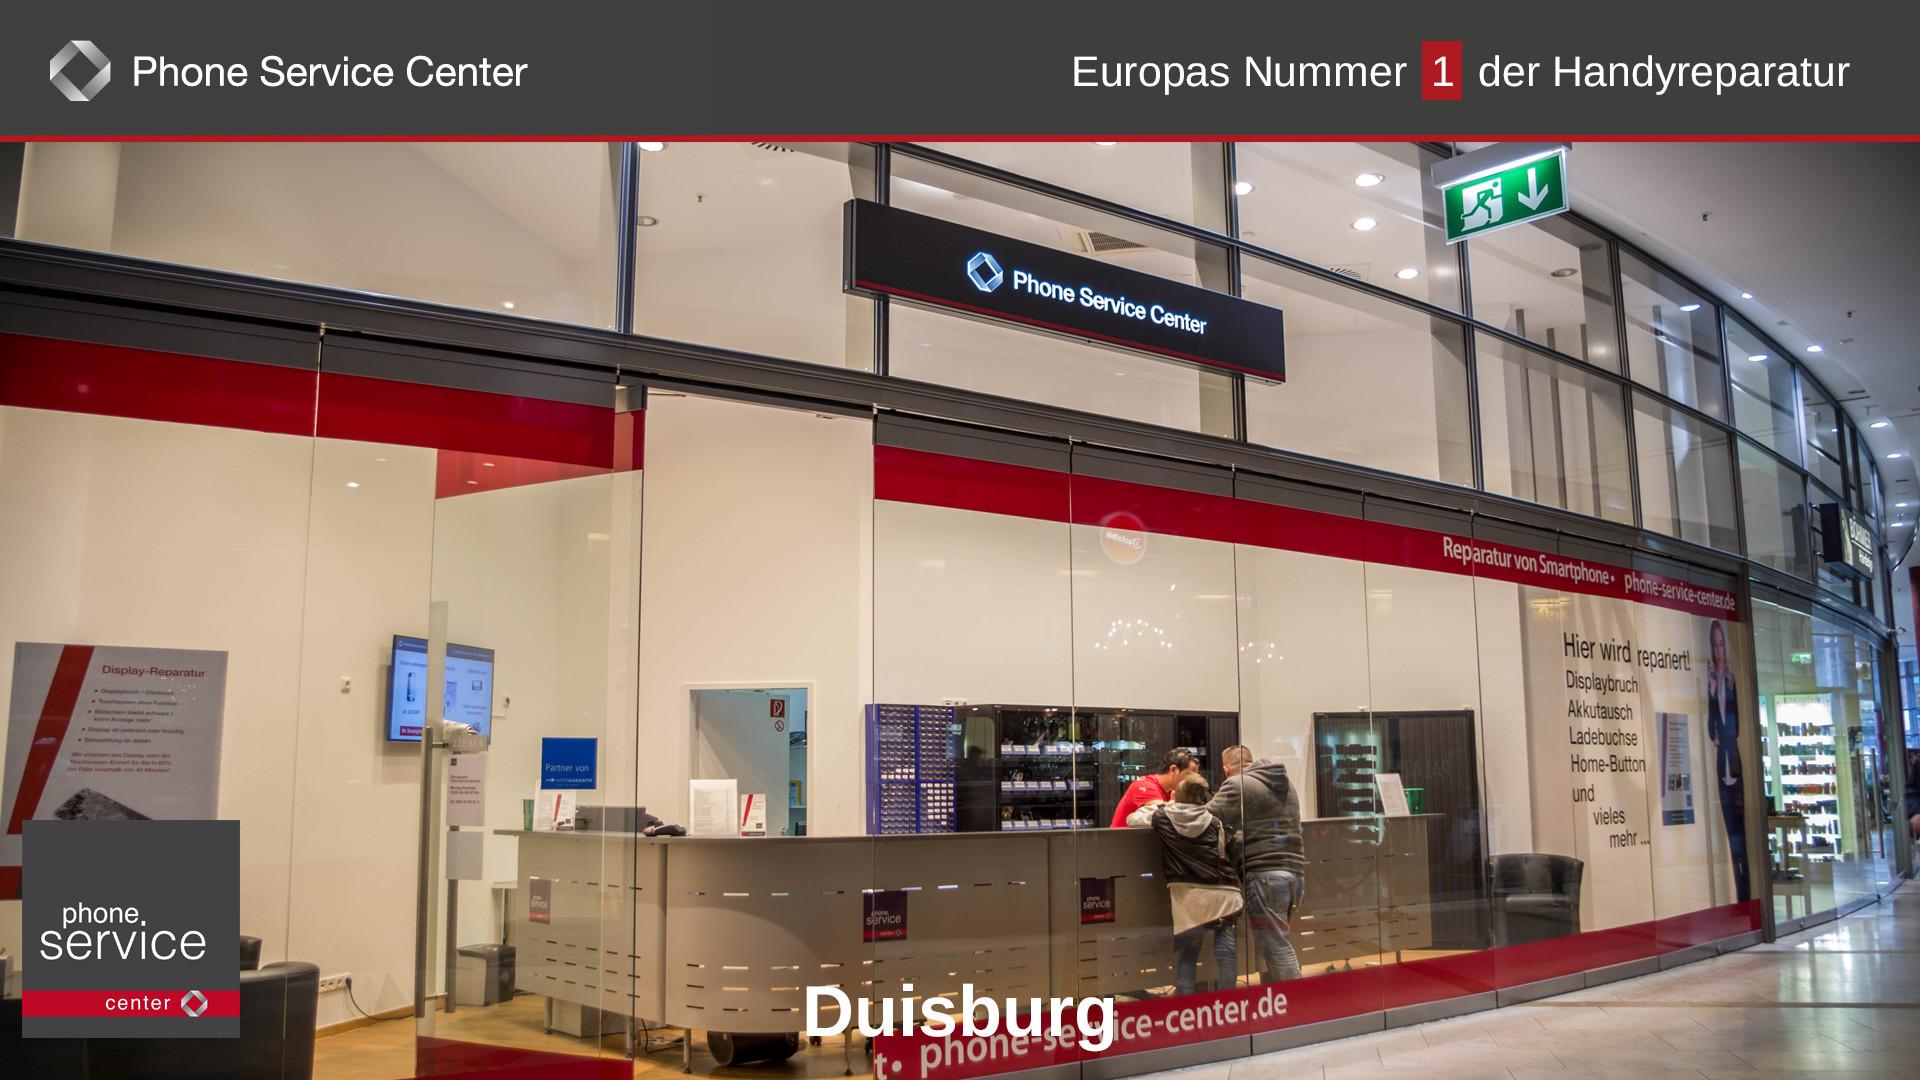 Phone Service Center - Duisburg, Sonnenwall in Duisburg